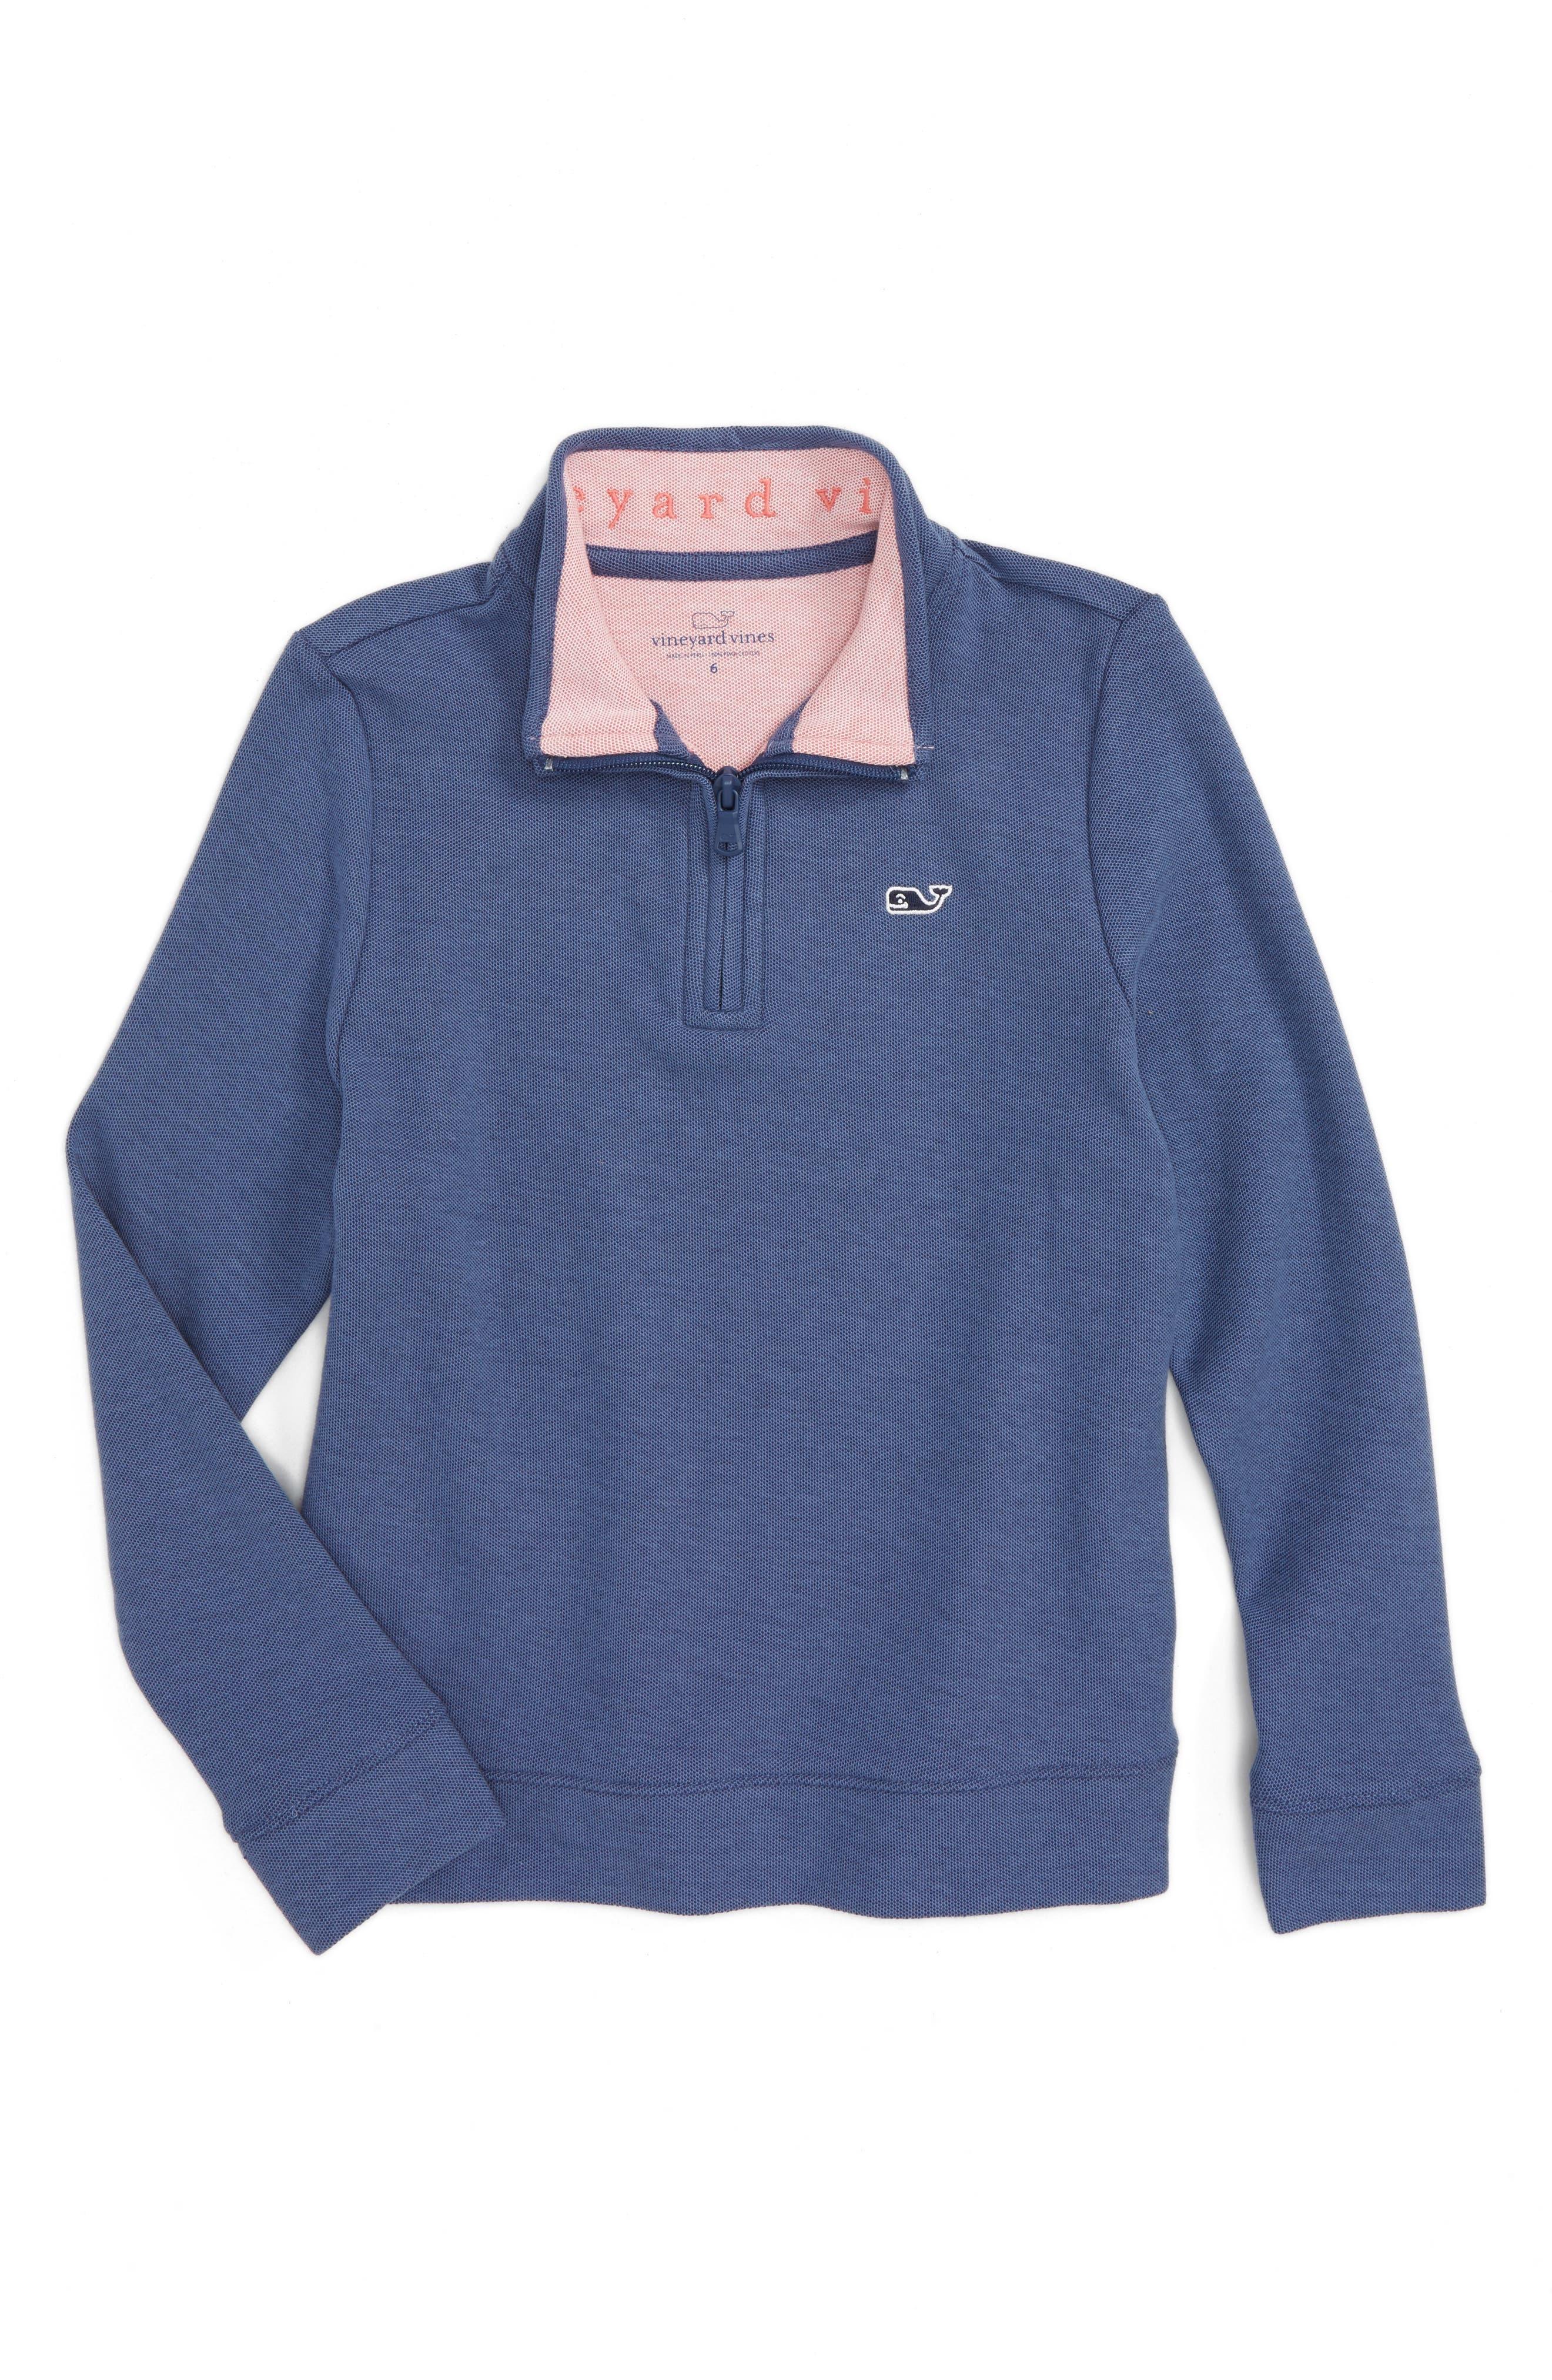 Vineyard Vines Quarter Zip Sweater (Toddler Boys & Little Boys)